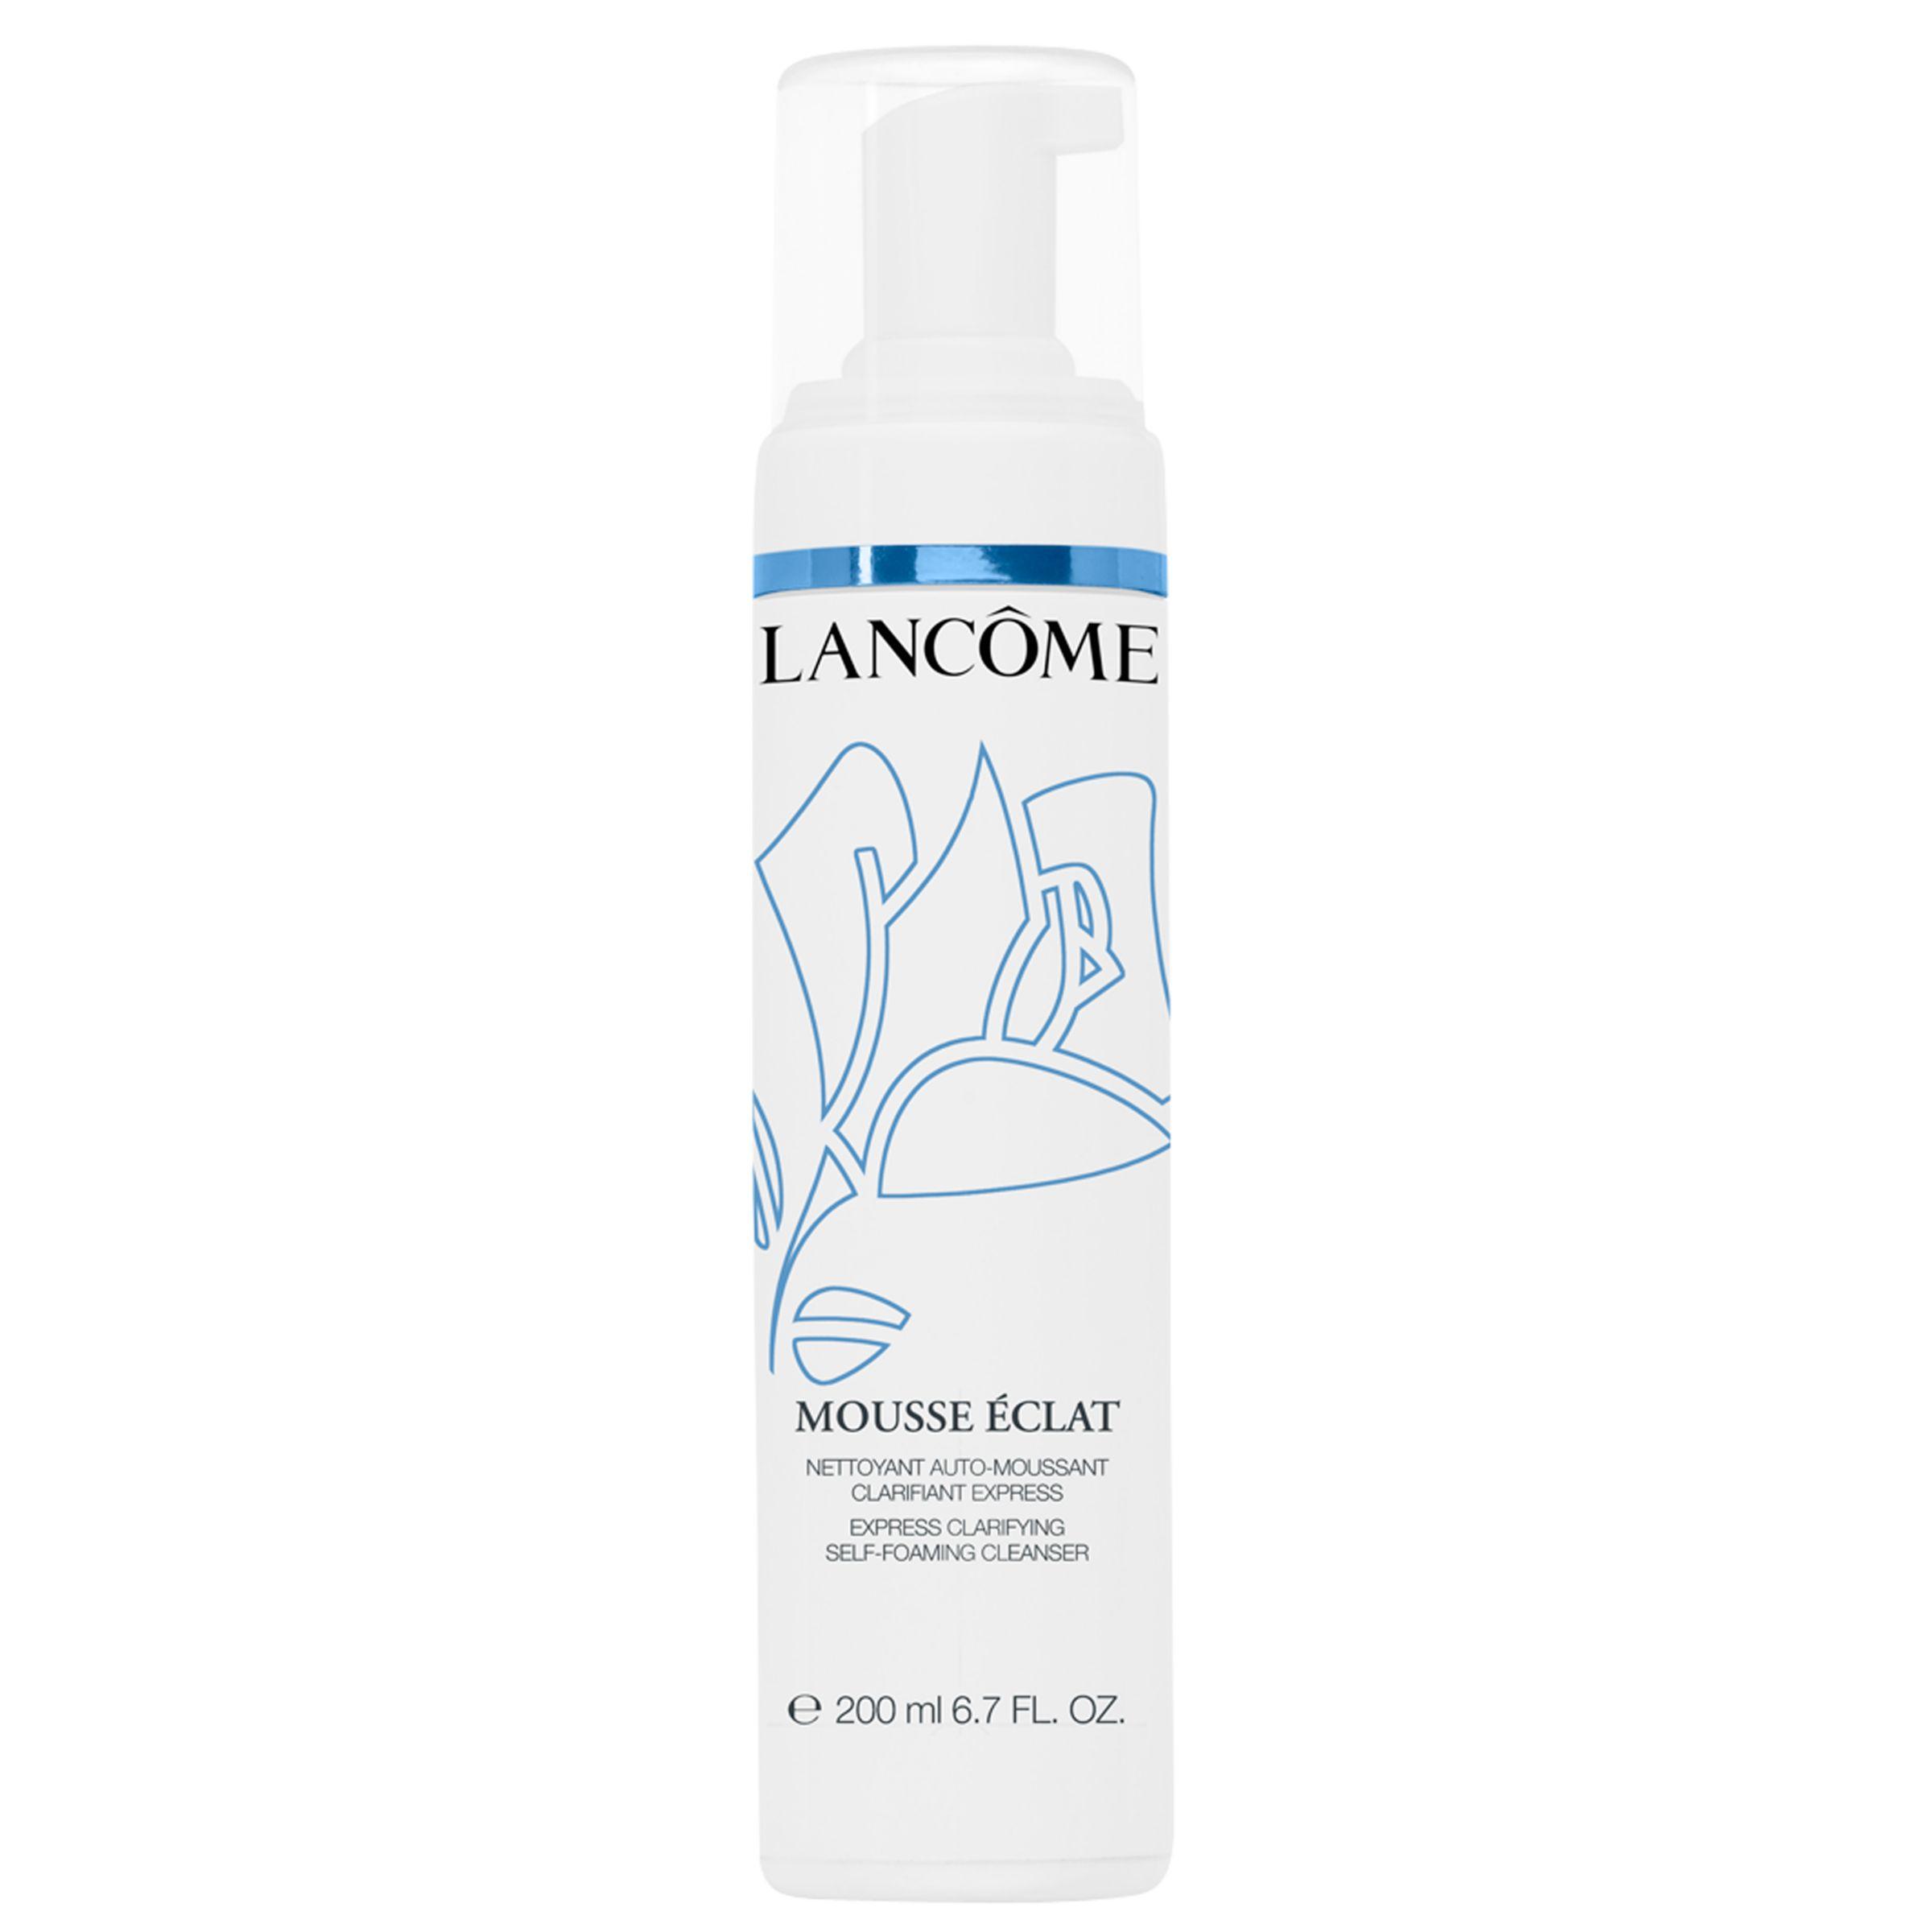 Lancome Lancôme Mousse Éclat, 200ml